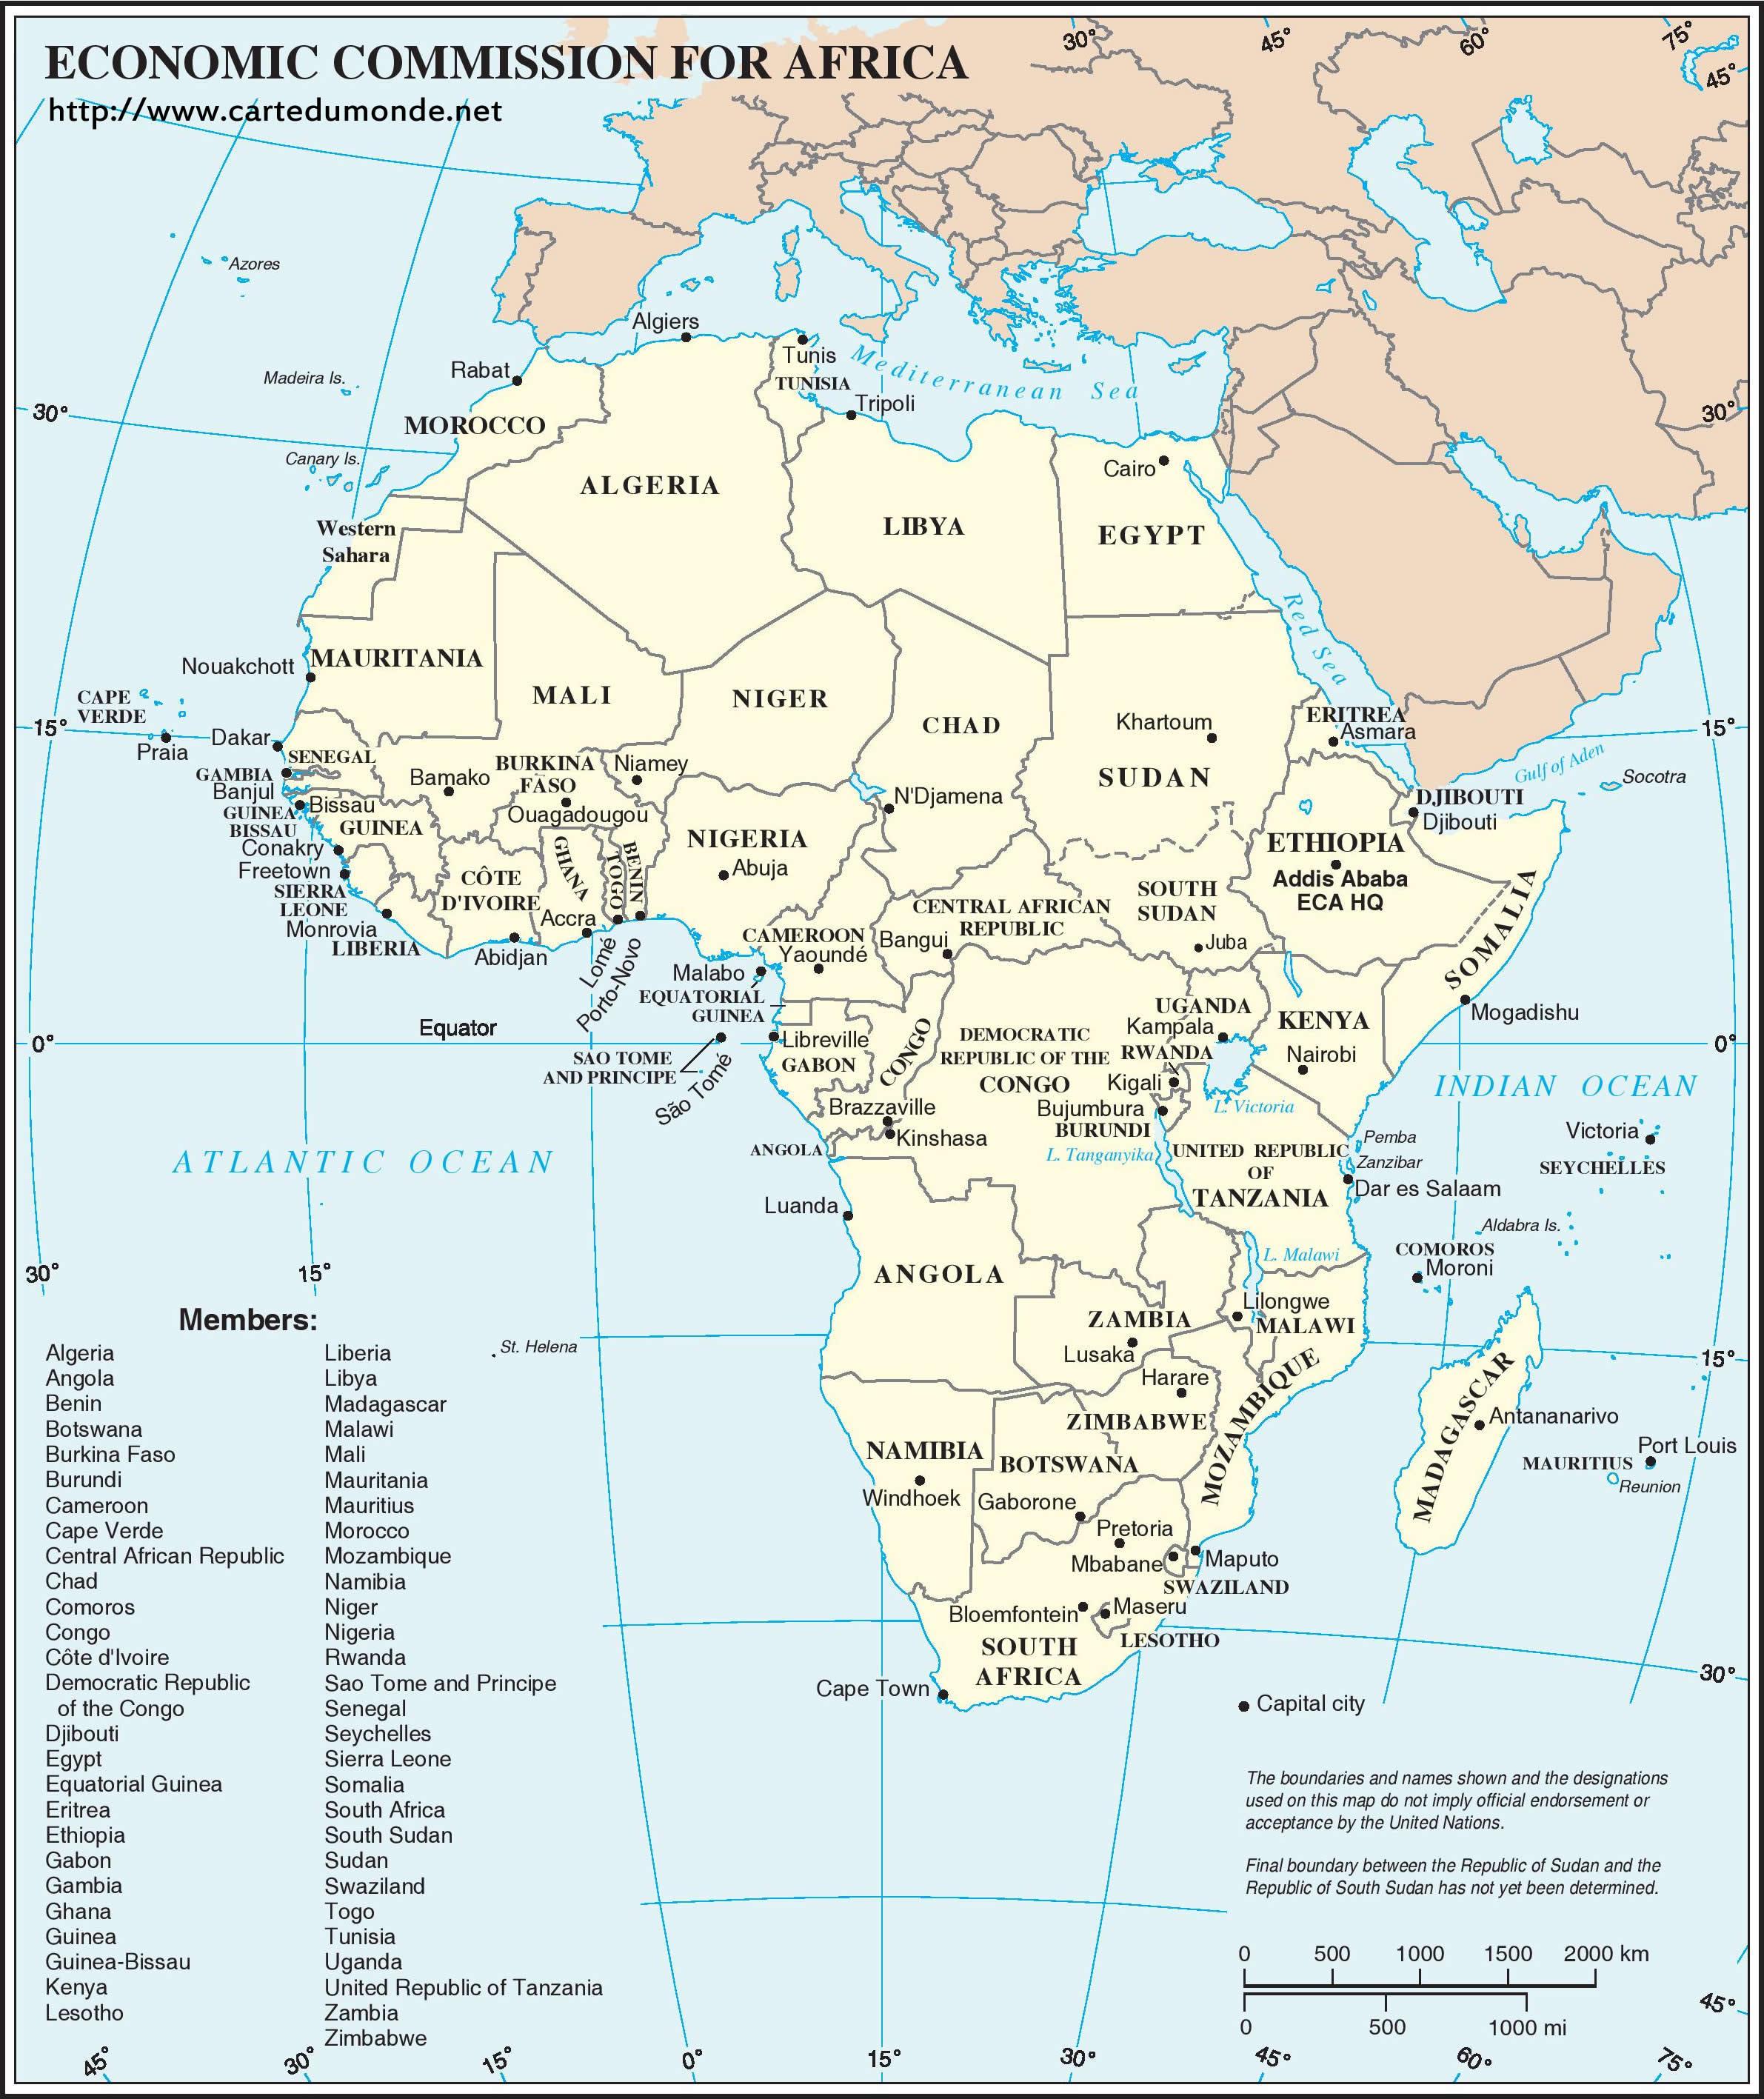 Wirtschaftskommission für Afrika